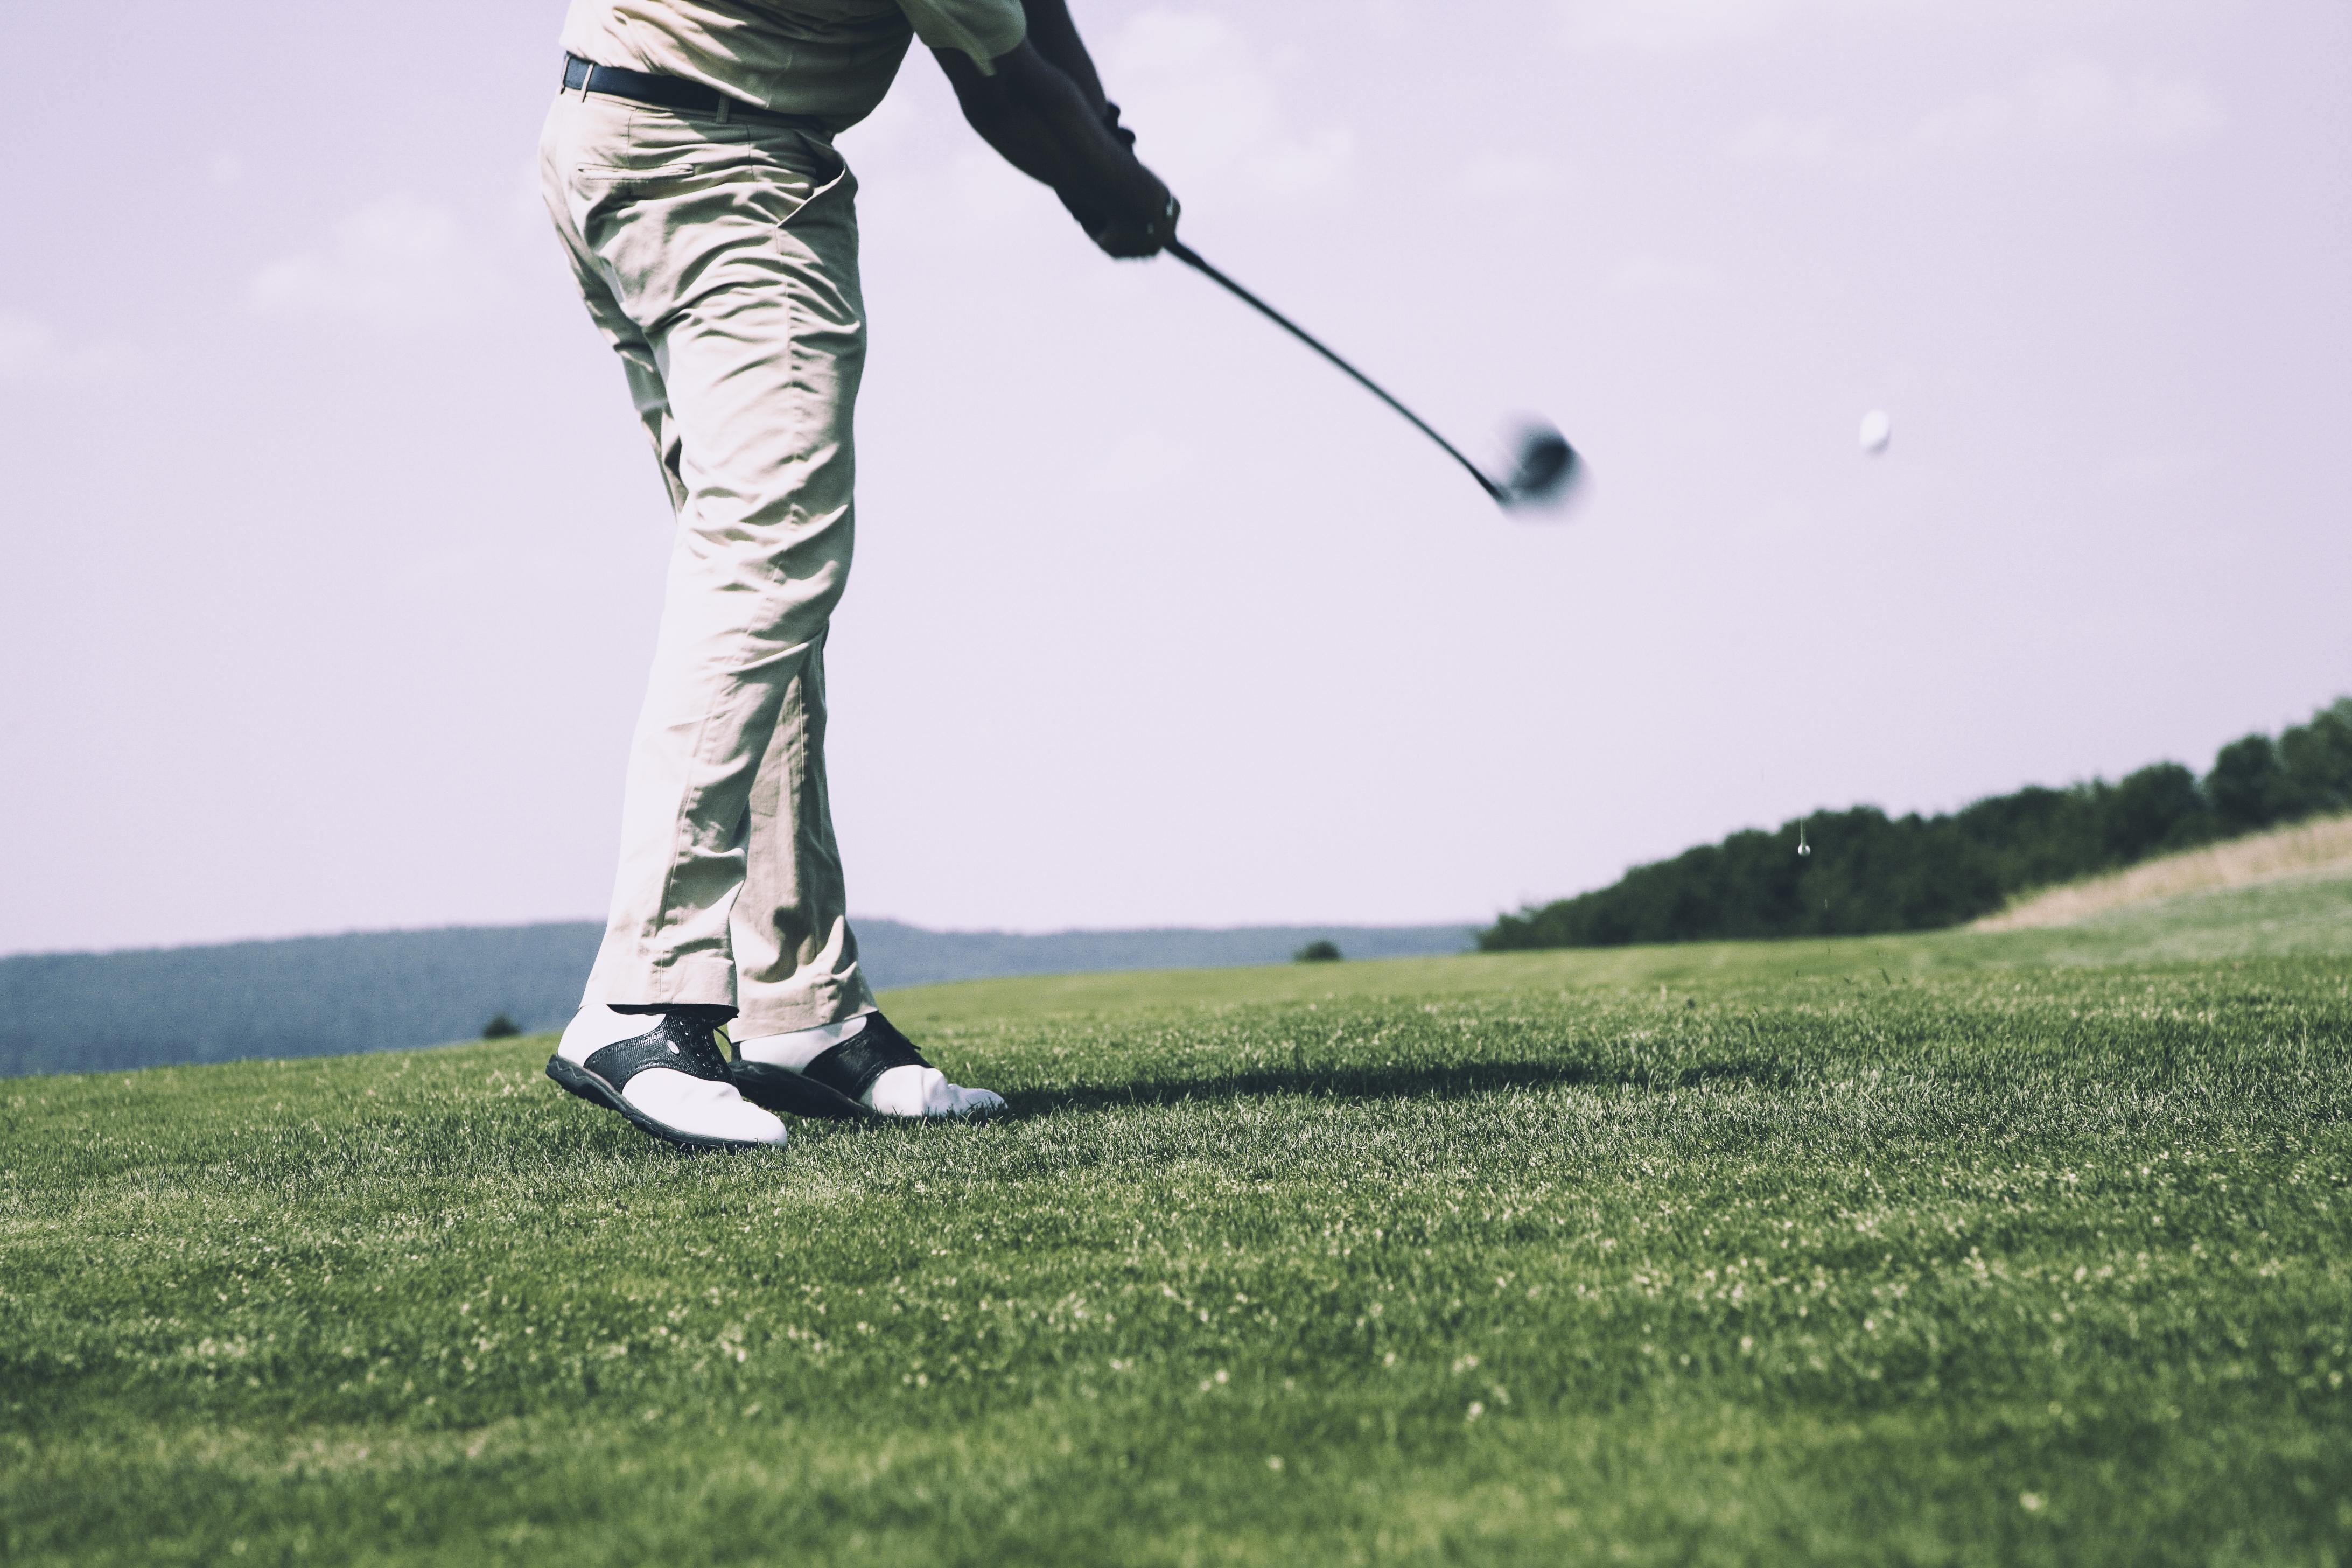 Golfer swings golf club on green